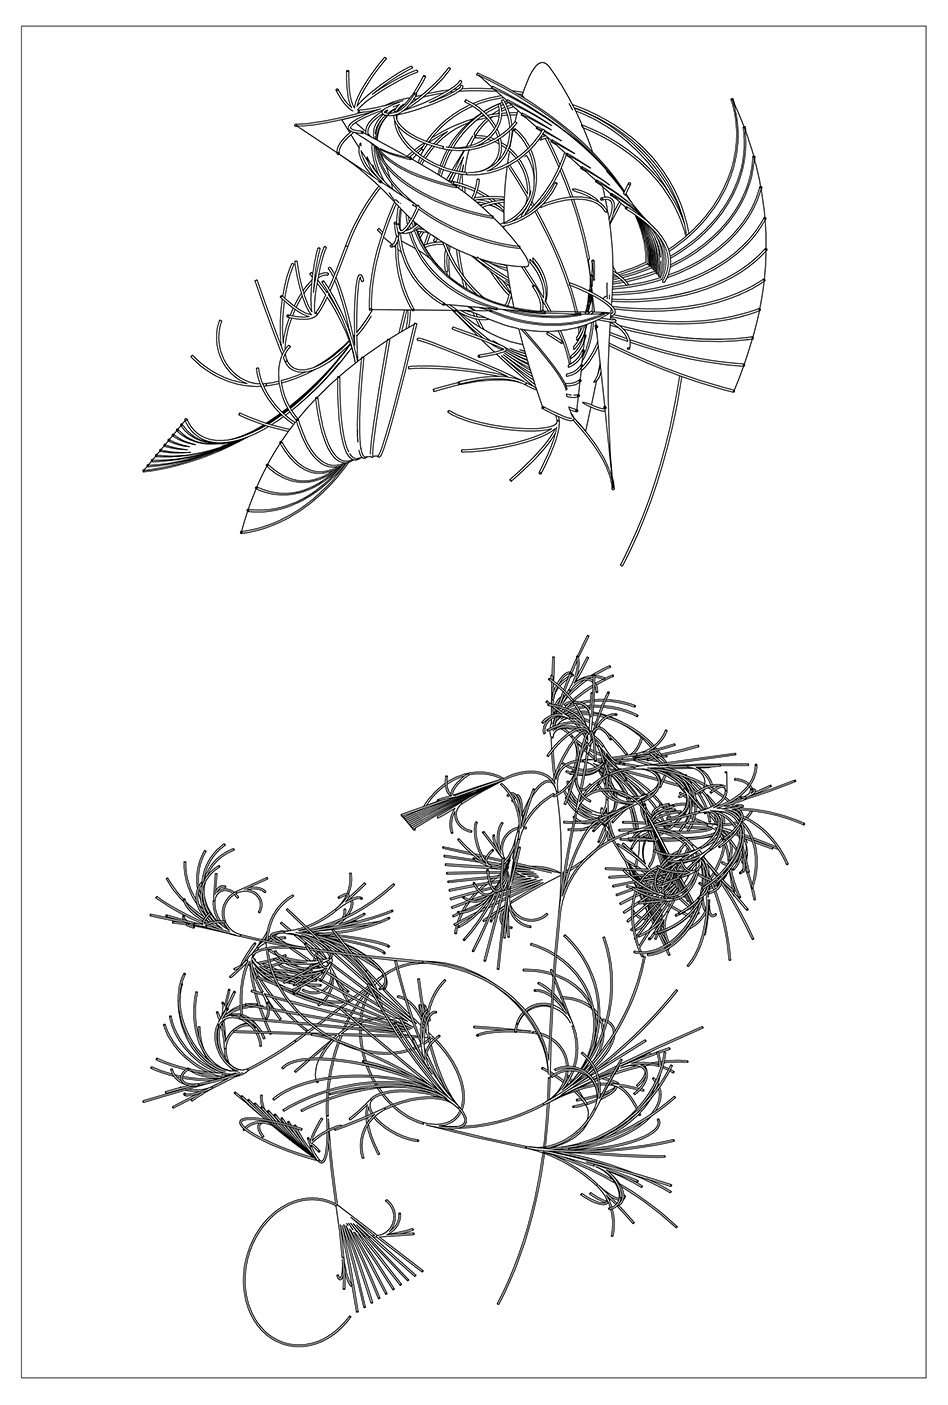 Digital Sketchbook 02c - Space and Paper